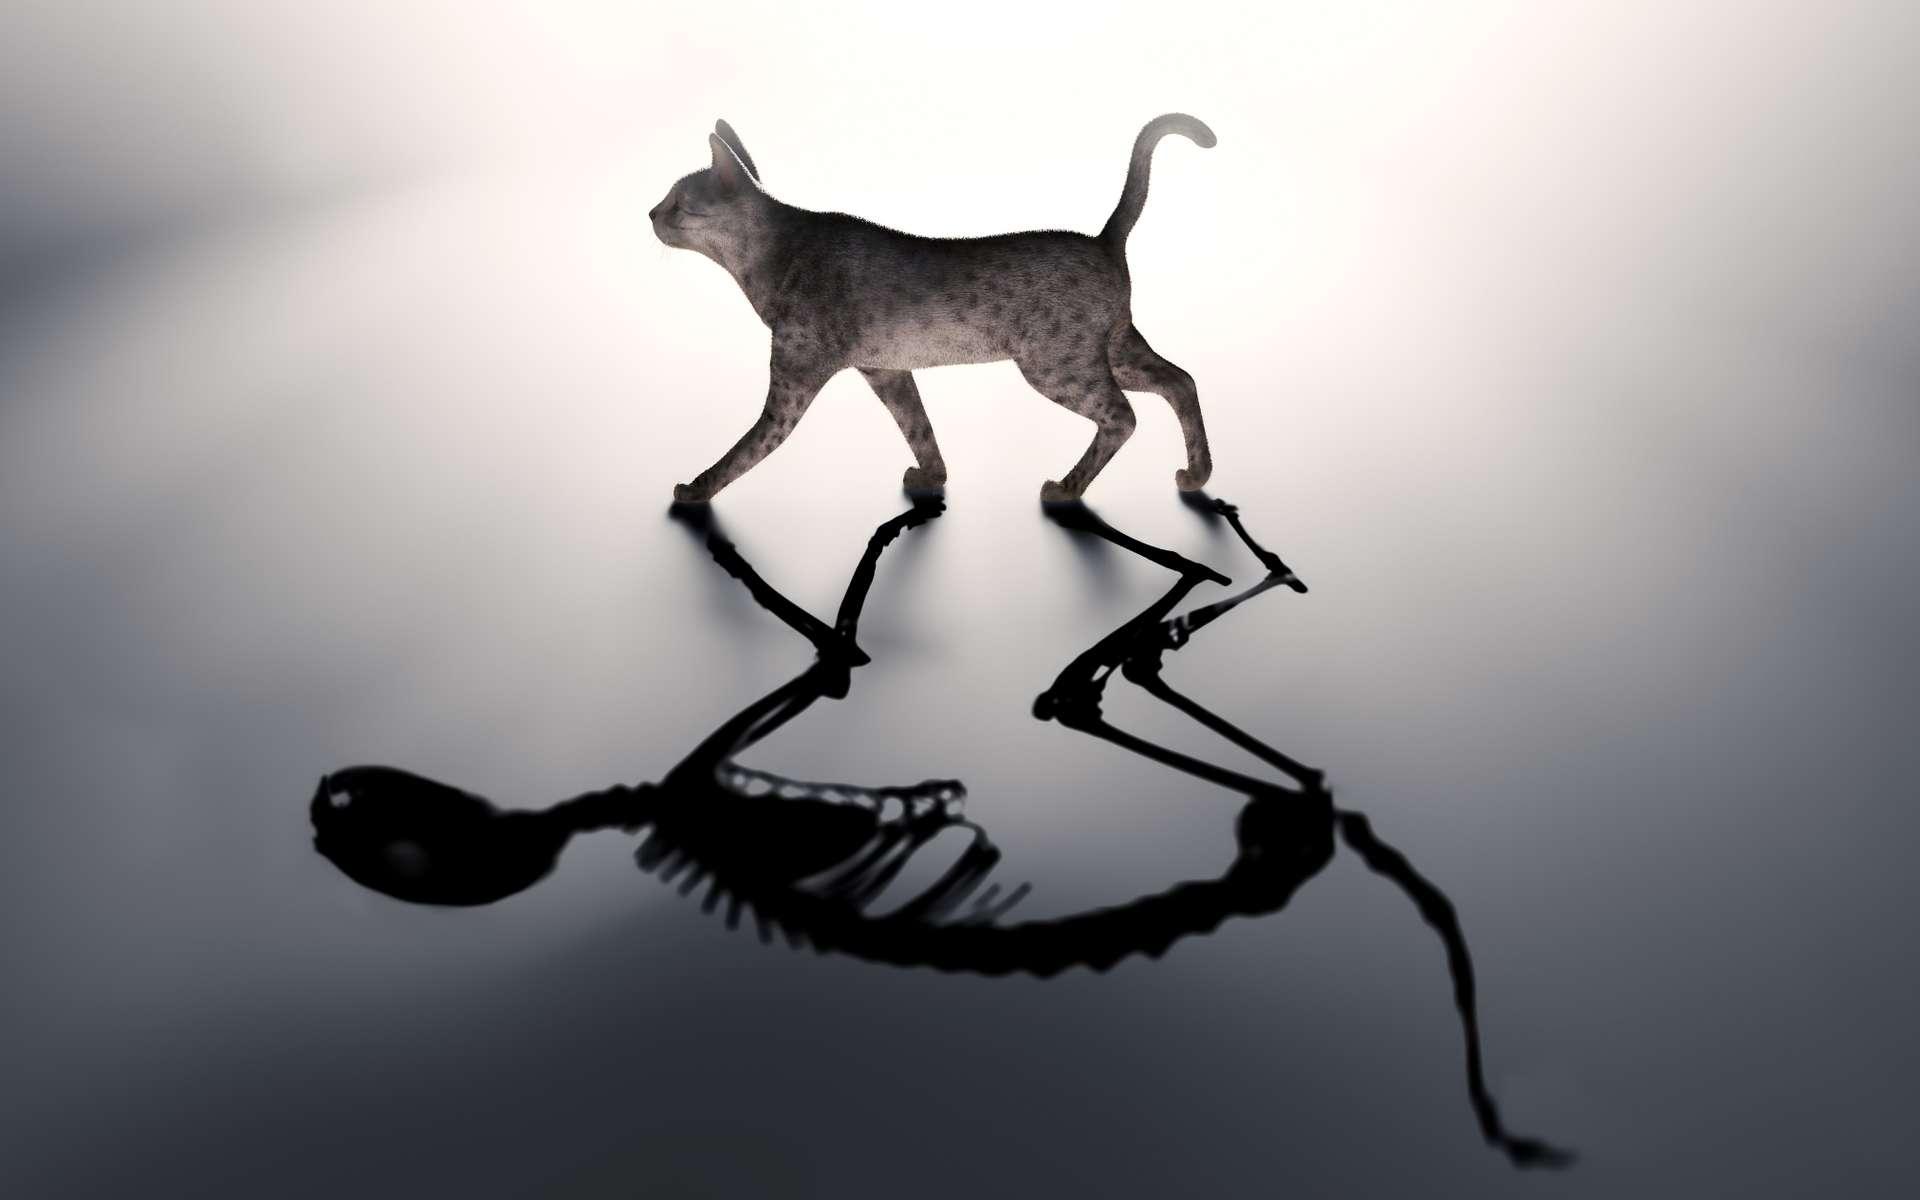 Une métaphore du chat de Schrödinger dans un état de superposition quantique où il est à la fois mort et vivant. © Mopic, Shutterstock